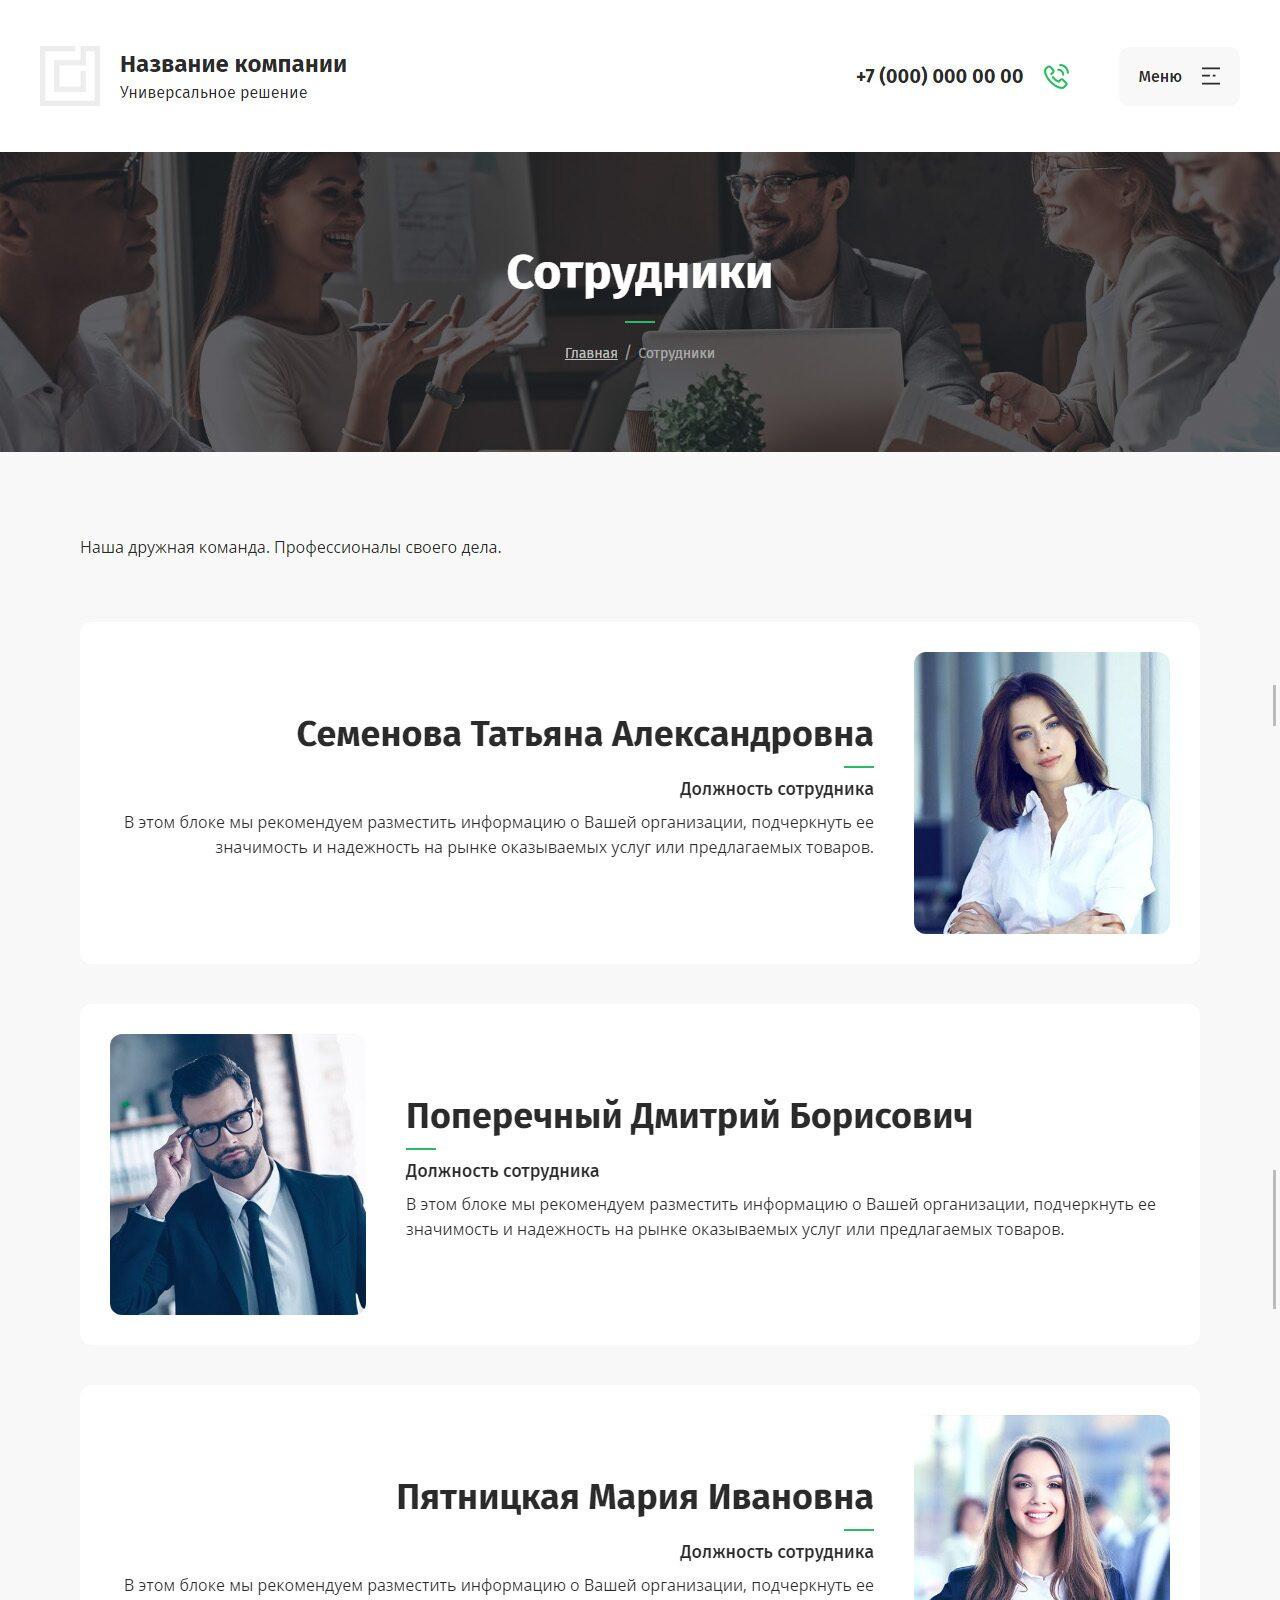 Готовый Сайт-Бизнес #2891093 - Универсальный дизайн (Сотрудники)